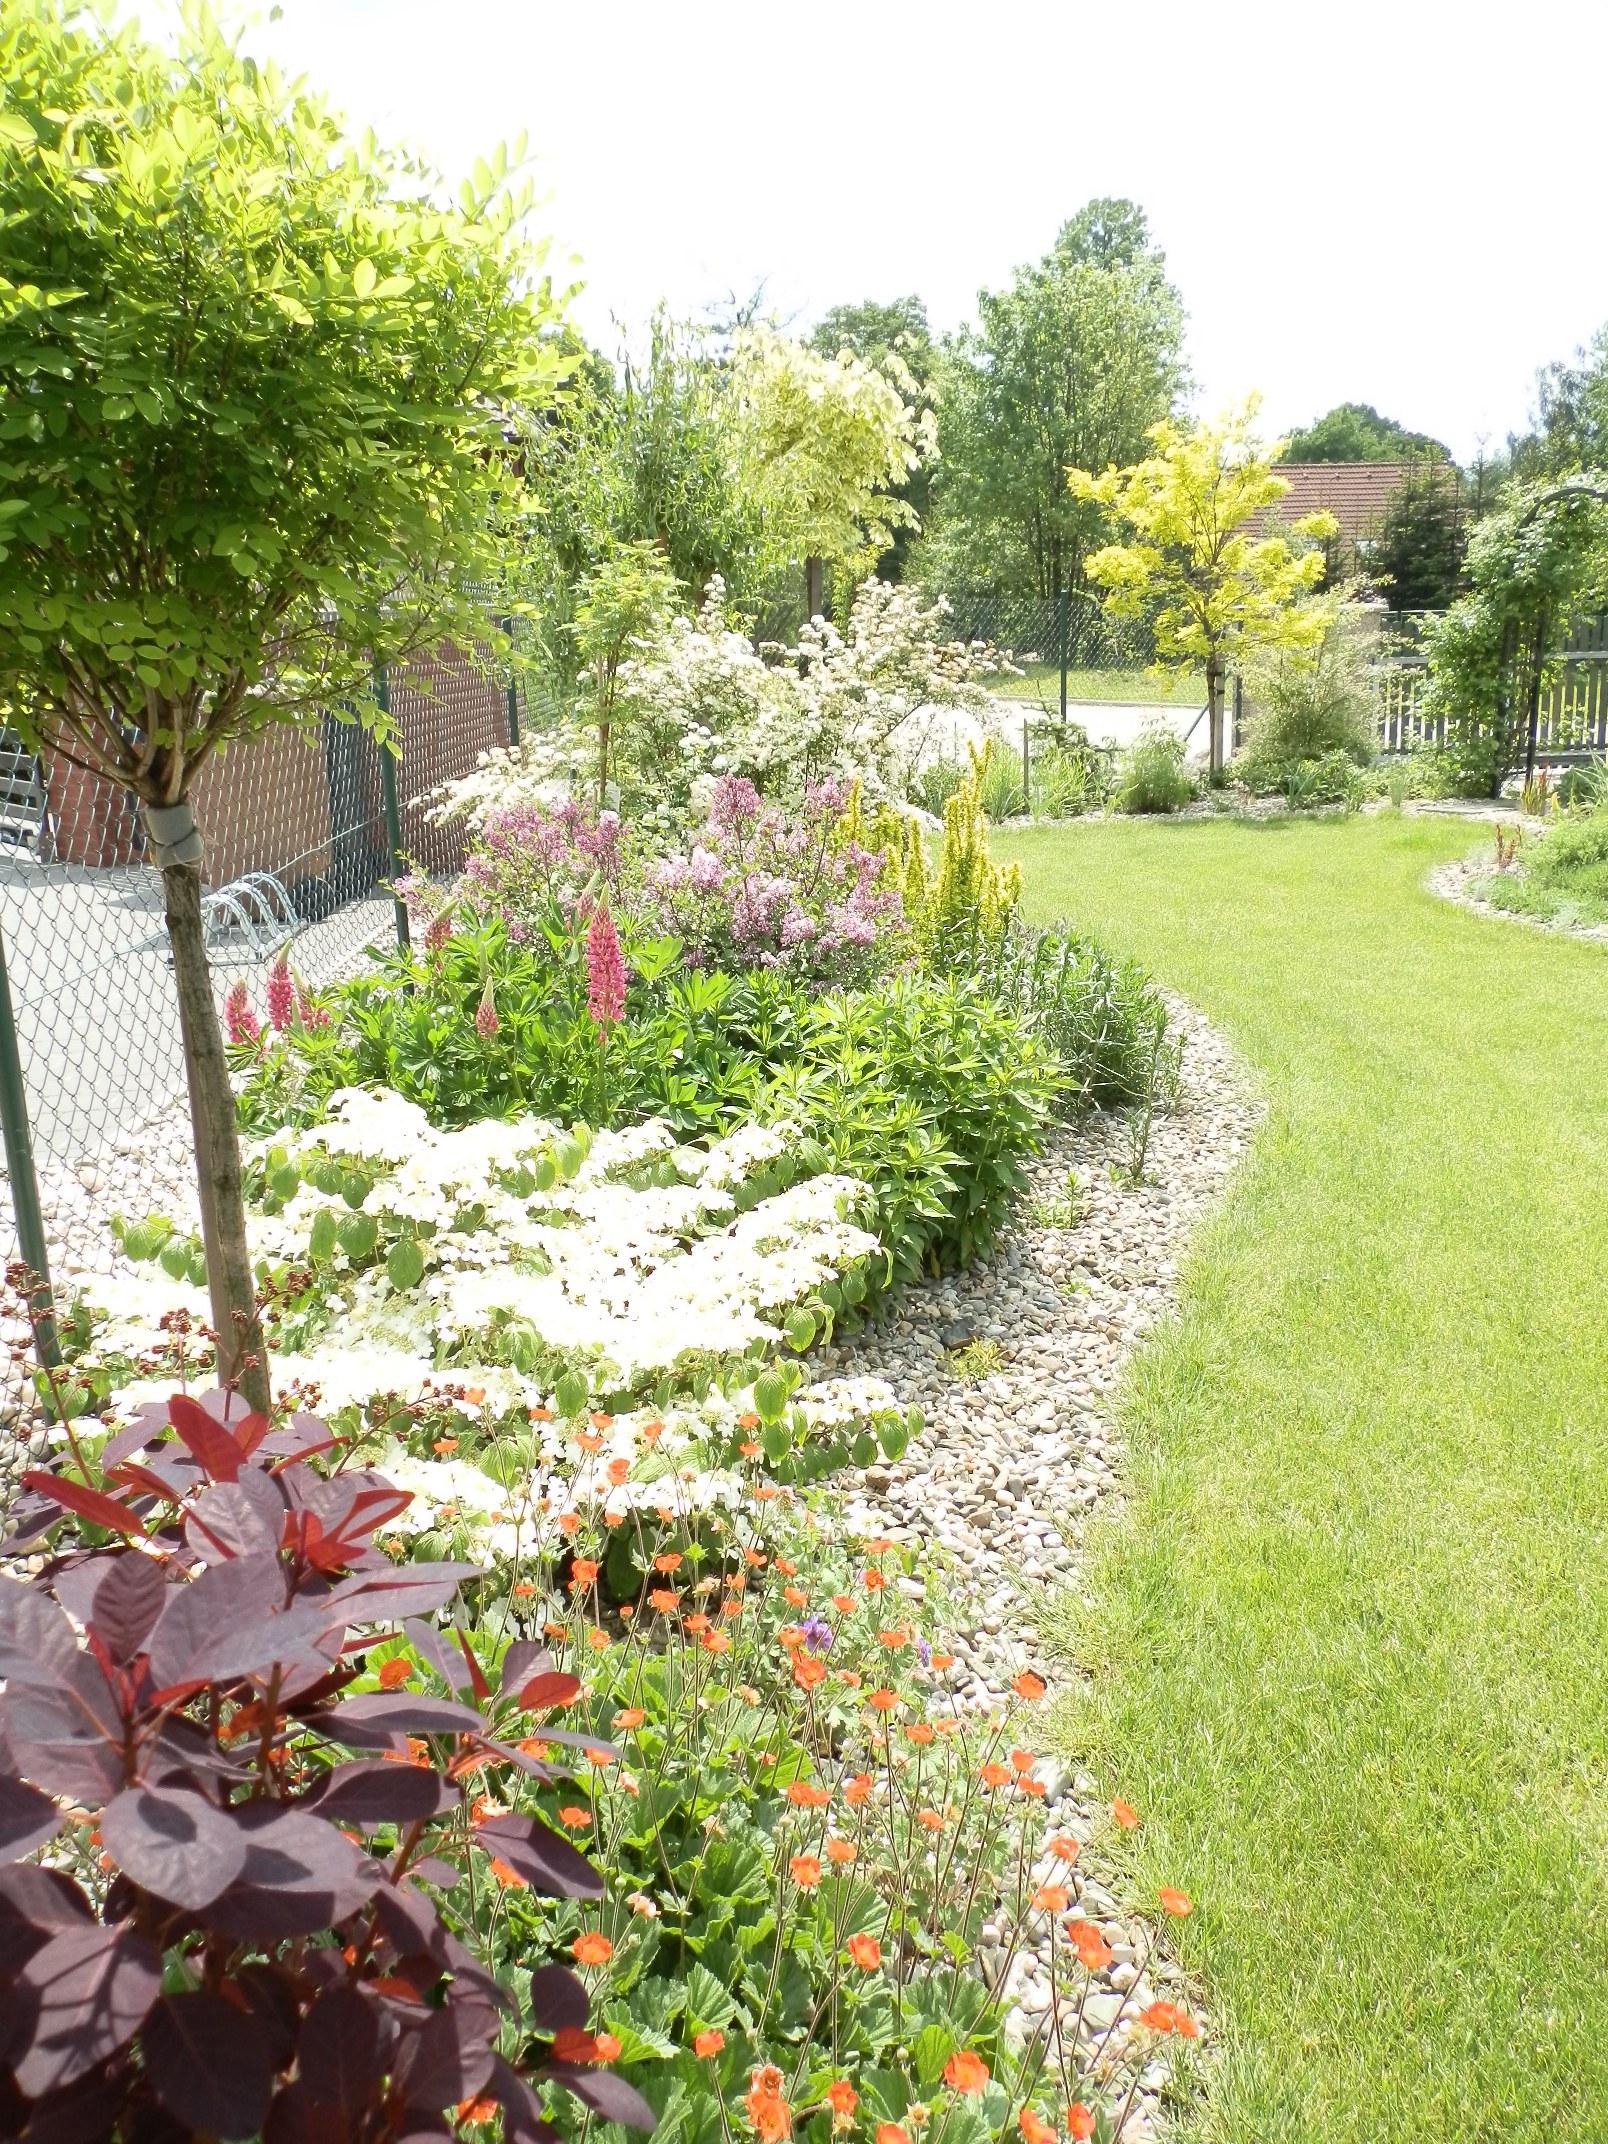 212b24324a9 Pozdně jarní zahrada na konci května. V popředí vínově červené listy .